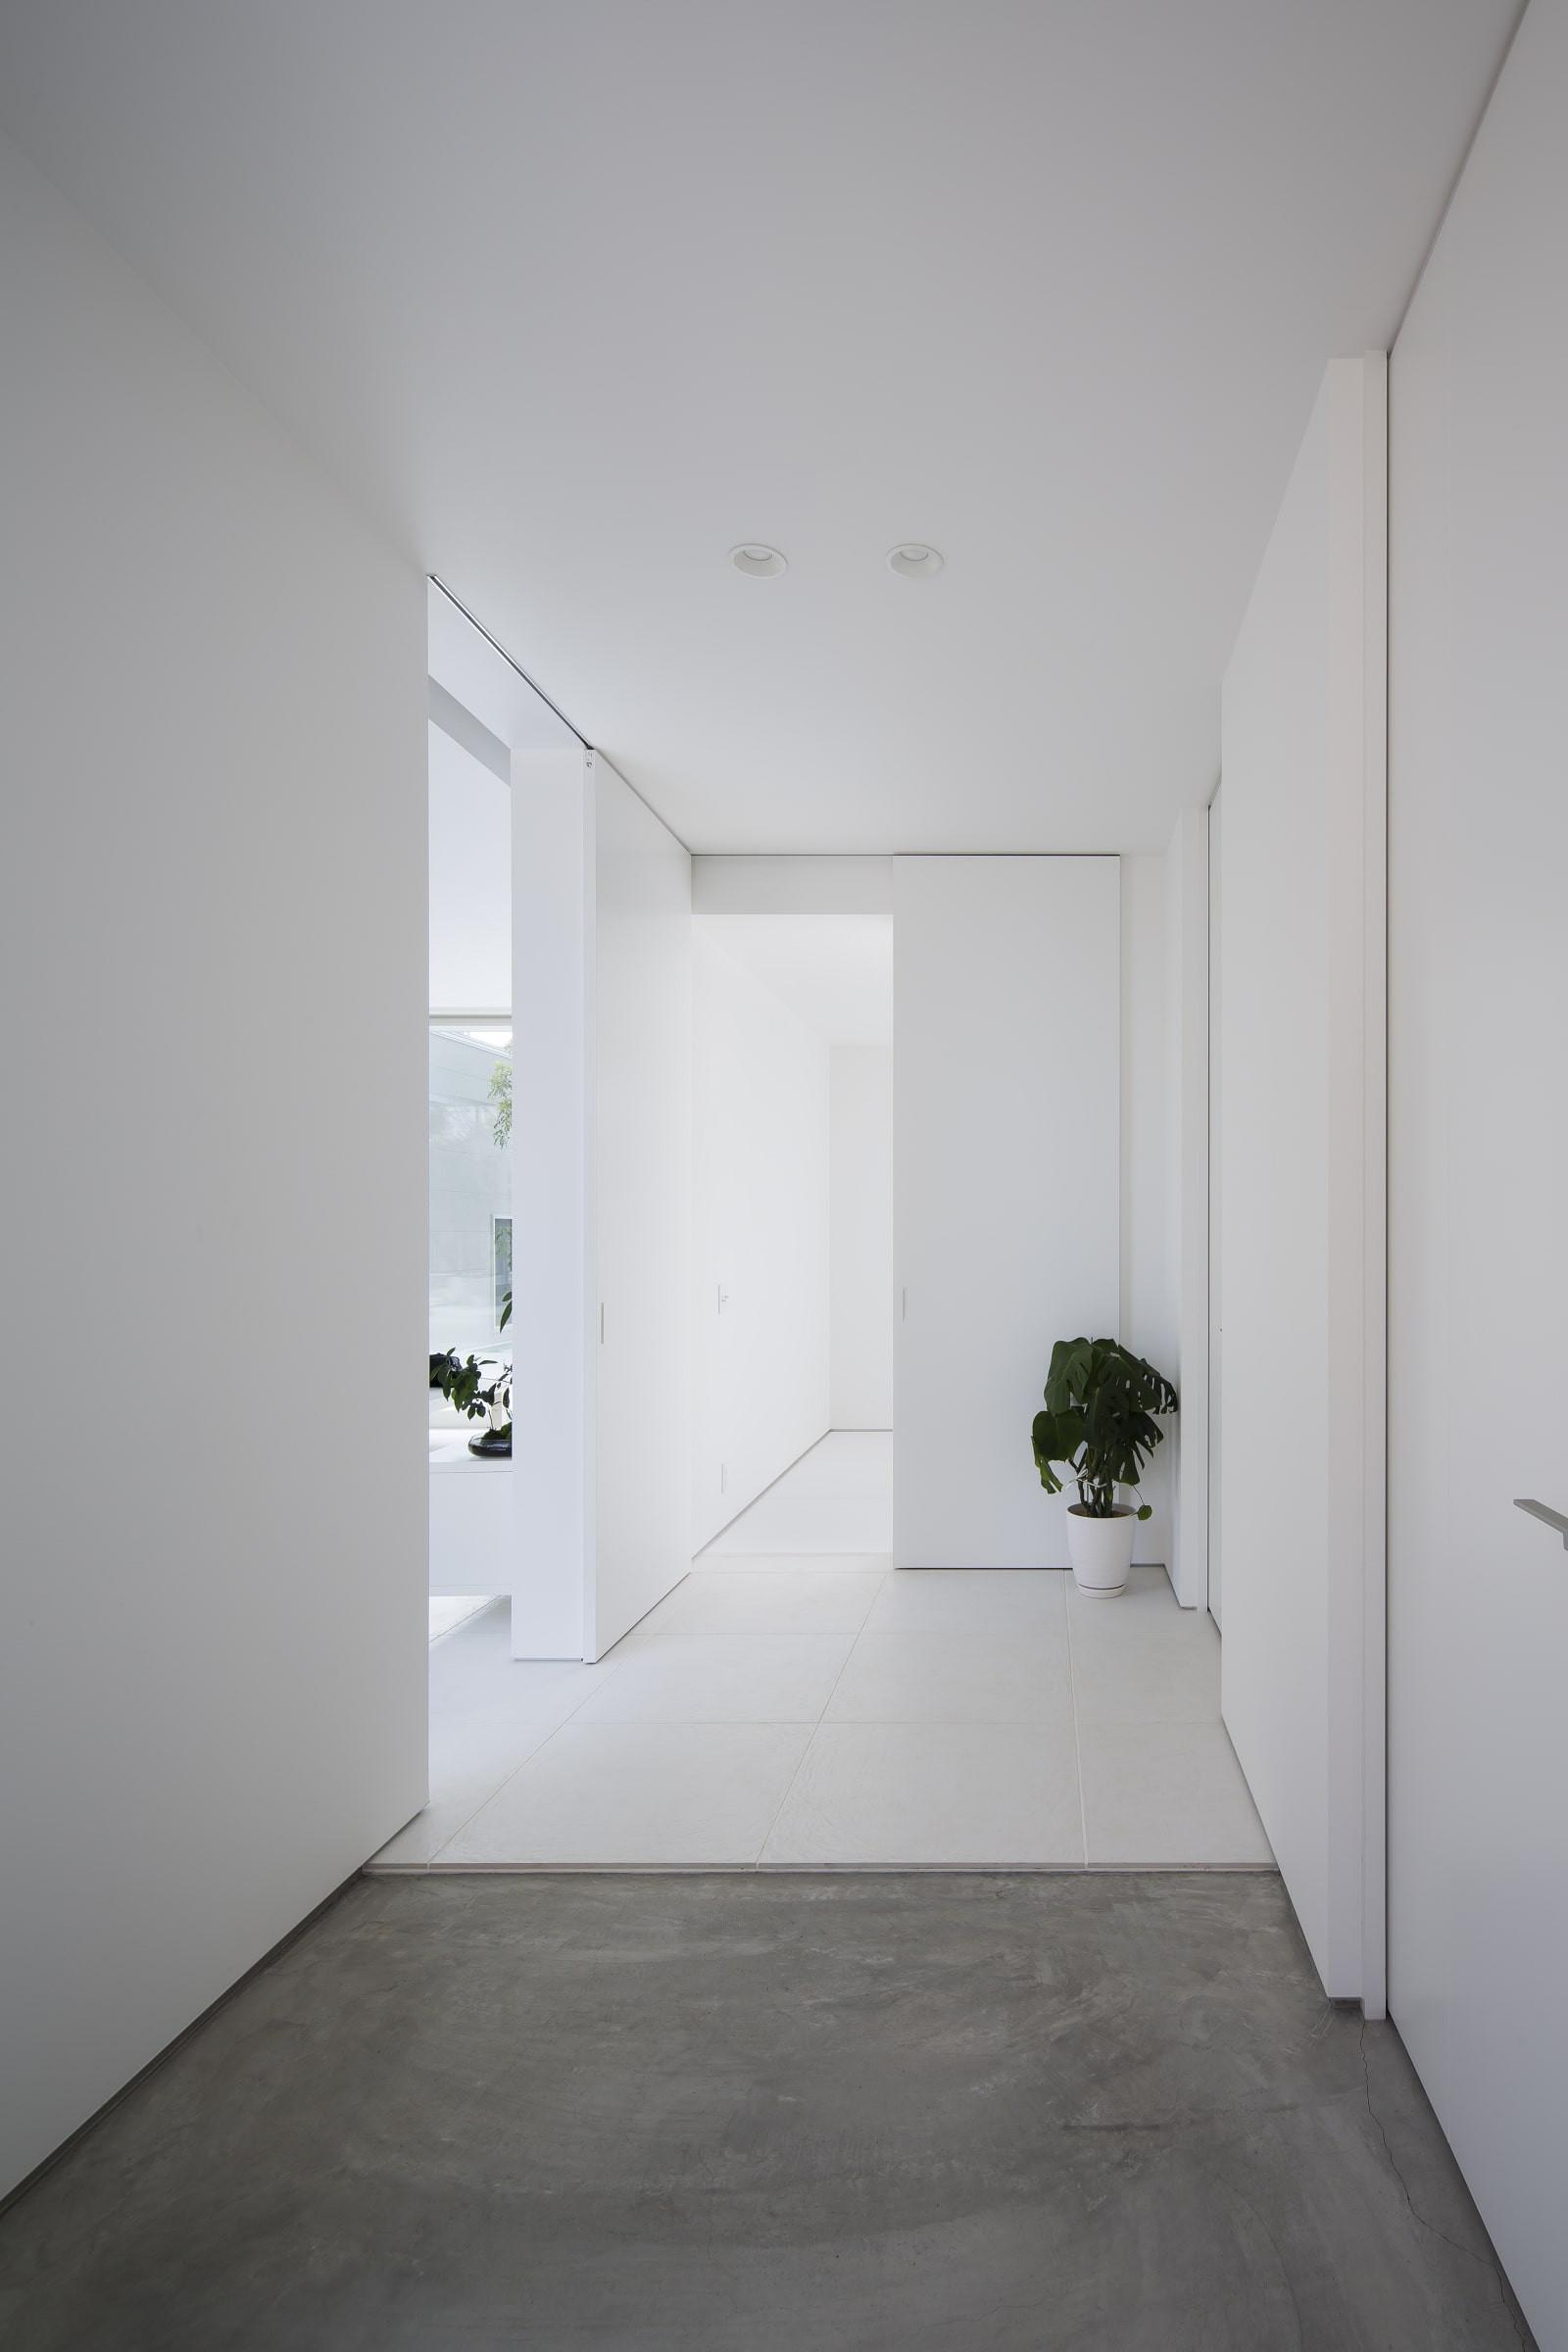 plus-atelier-architect-office_2400_05.jp